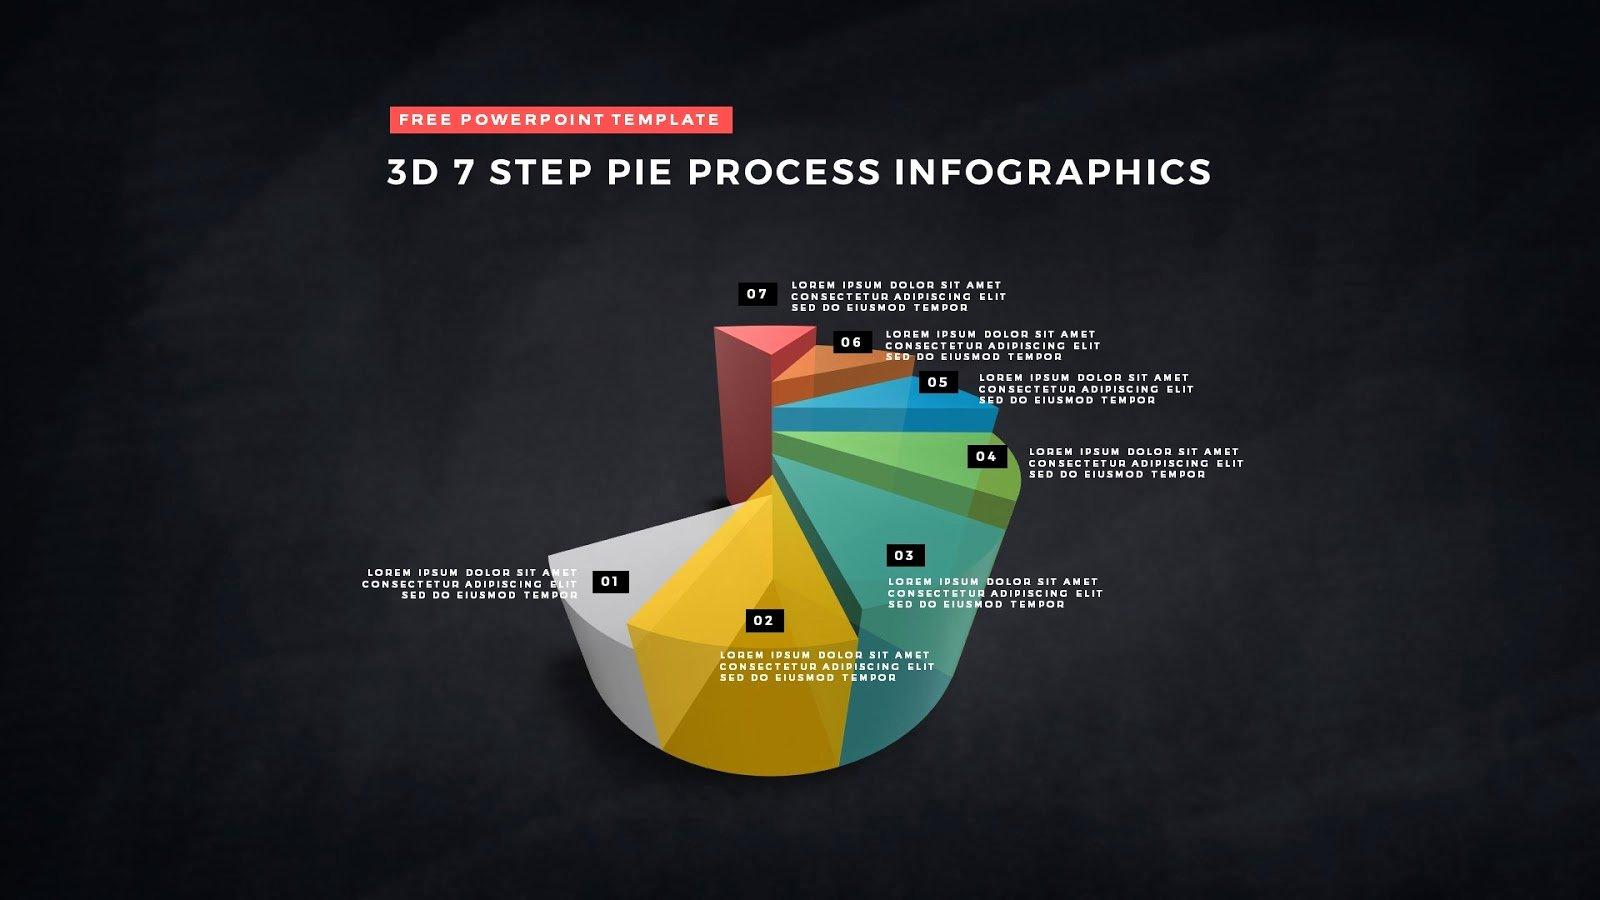 Powerpoint Pie Chart Template Inspirational 3d Pie Chart Design Elements for Powerpoint Templates